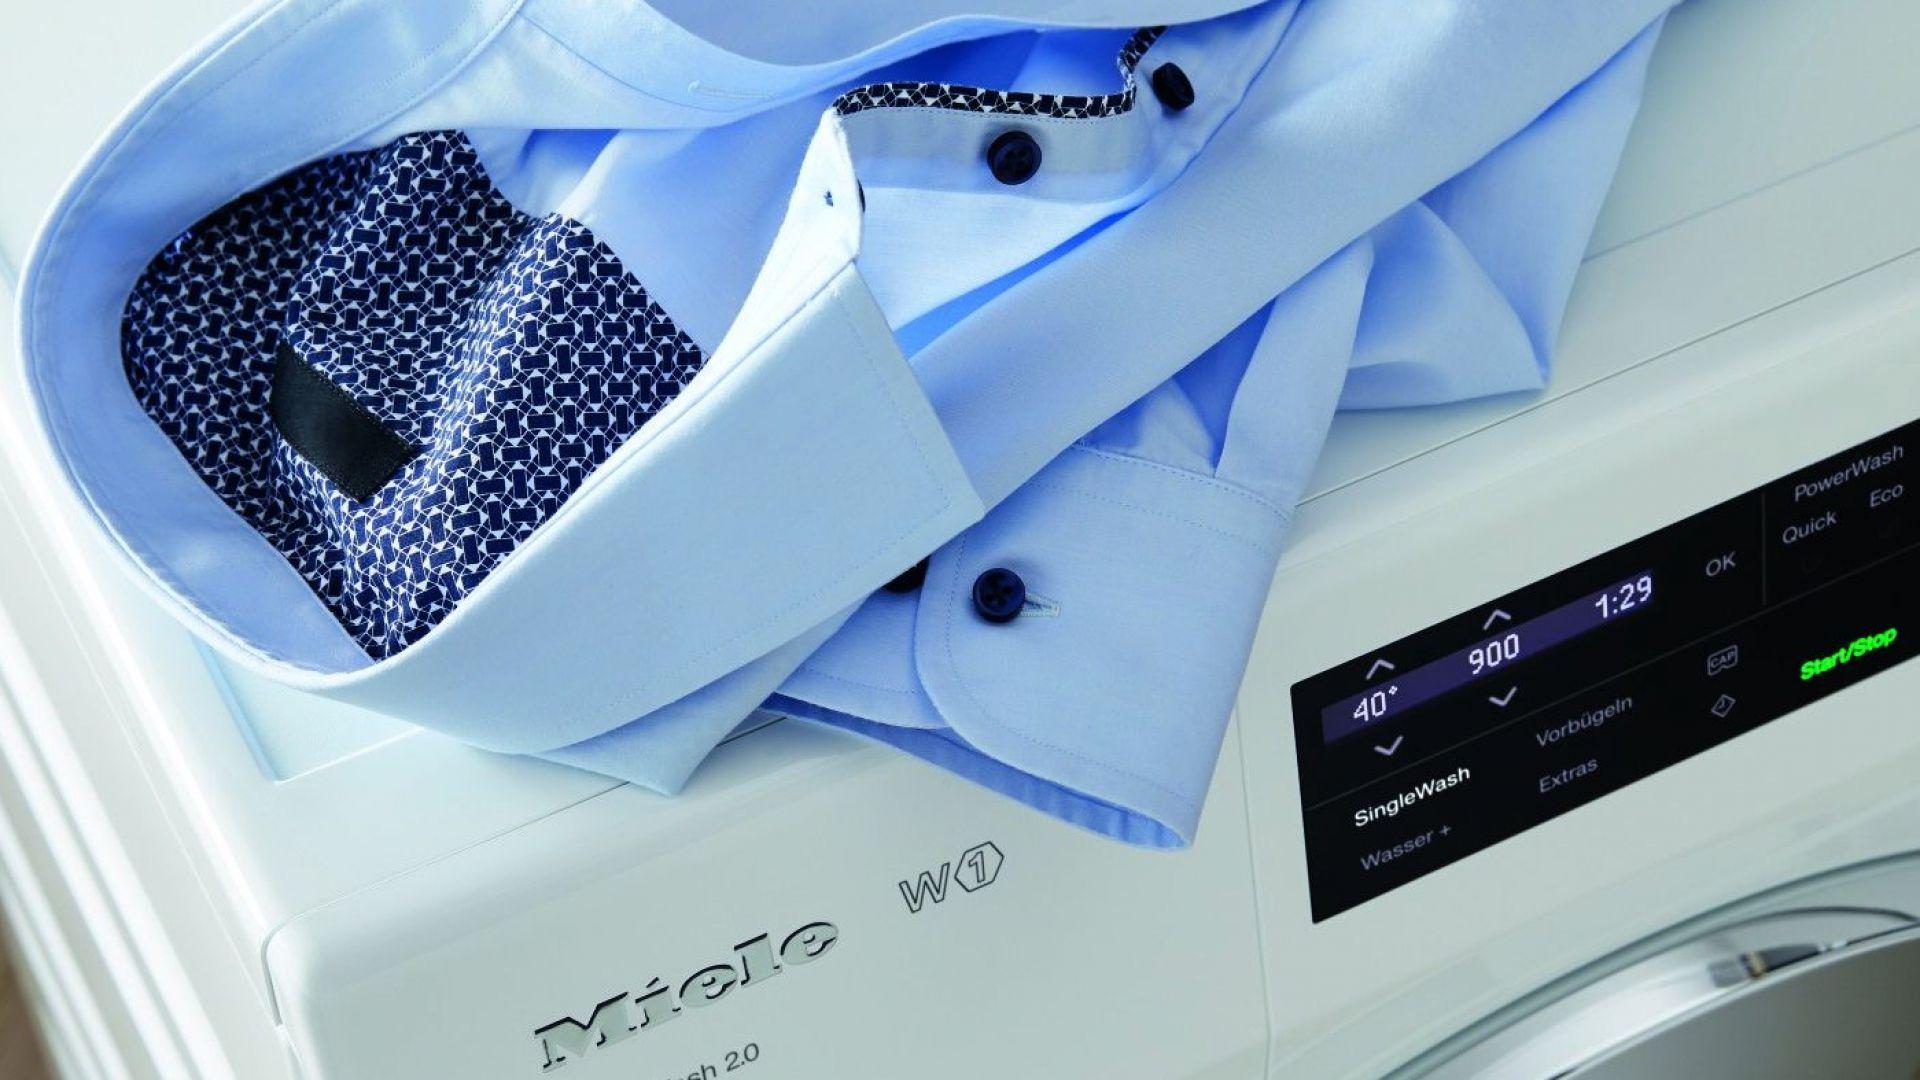 С функция SingleWash от Miele вече може ефективно да изперете само една дреха